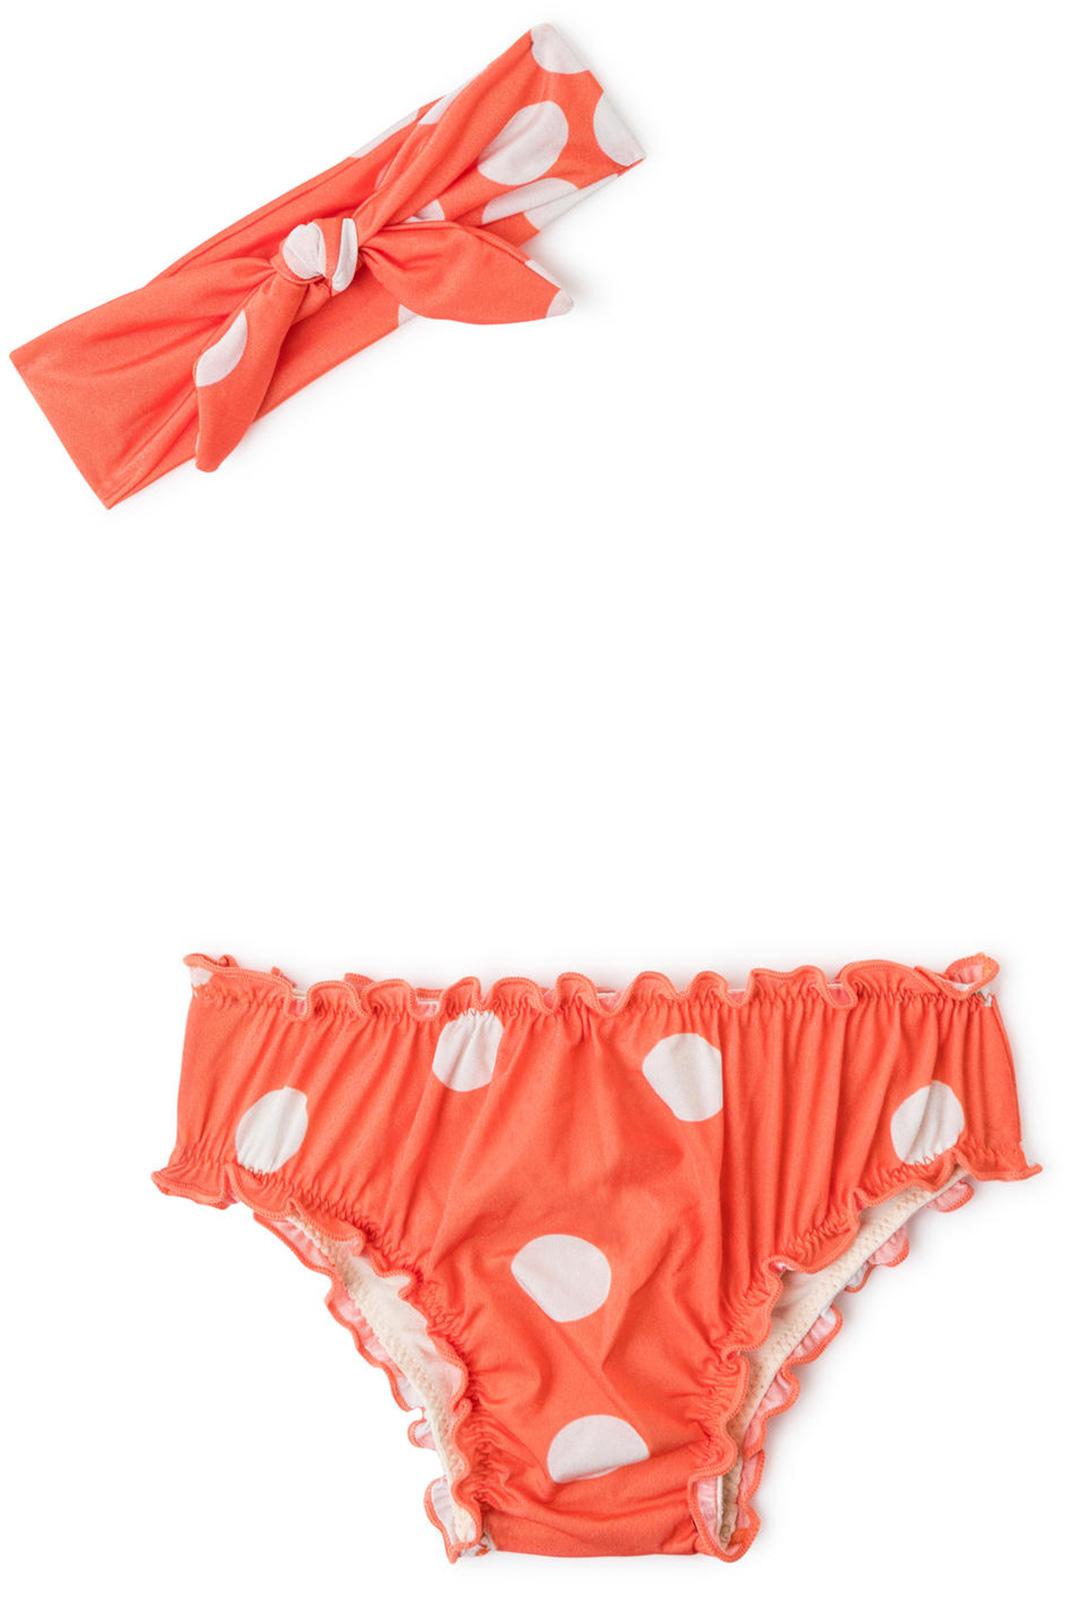 b49aa8c3ab8 Πορτοκαλί, μωρουδιακό, κοριτσίστικο, πουά σετάκι, αποτελούμενο από ...